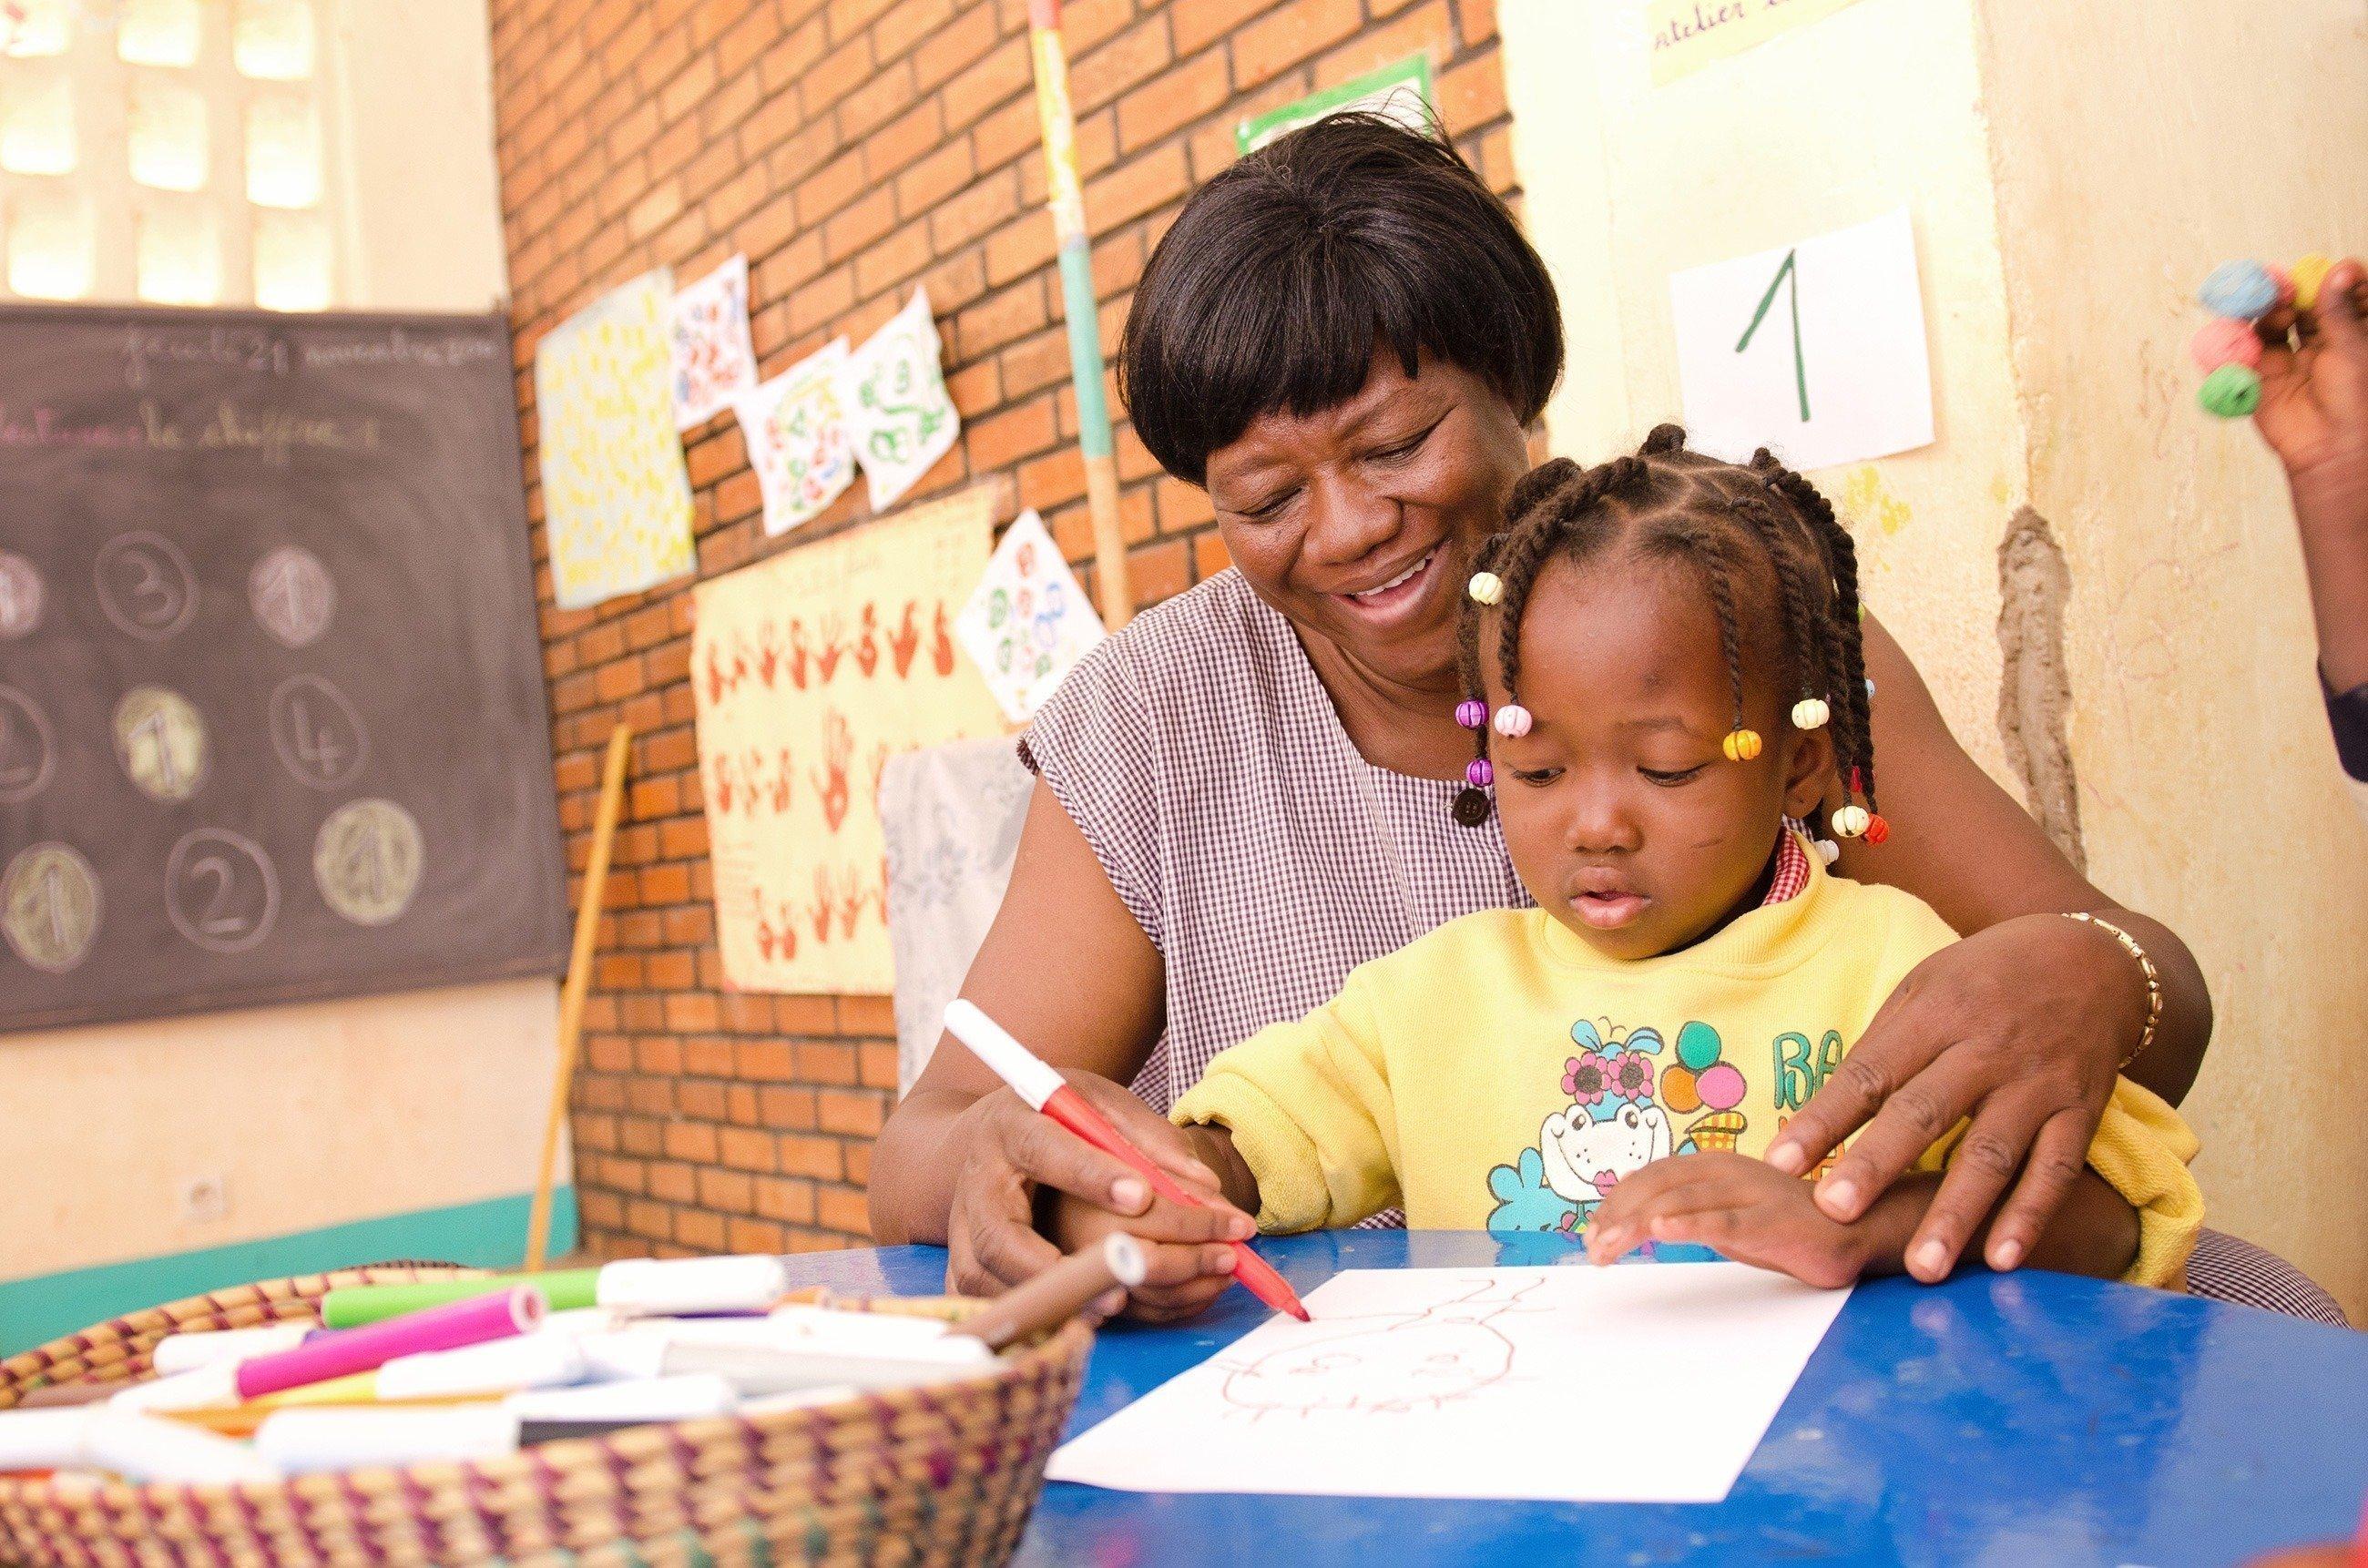 Mädchen übt das Malen auf dem Schoß ihrer Mutter.